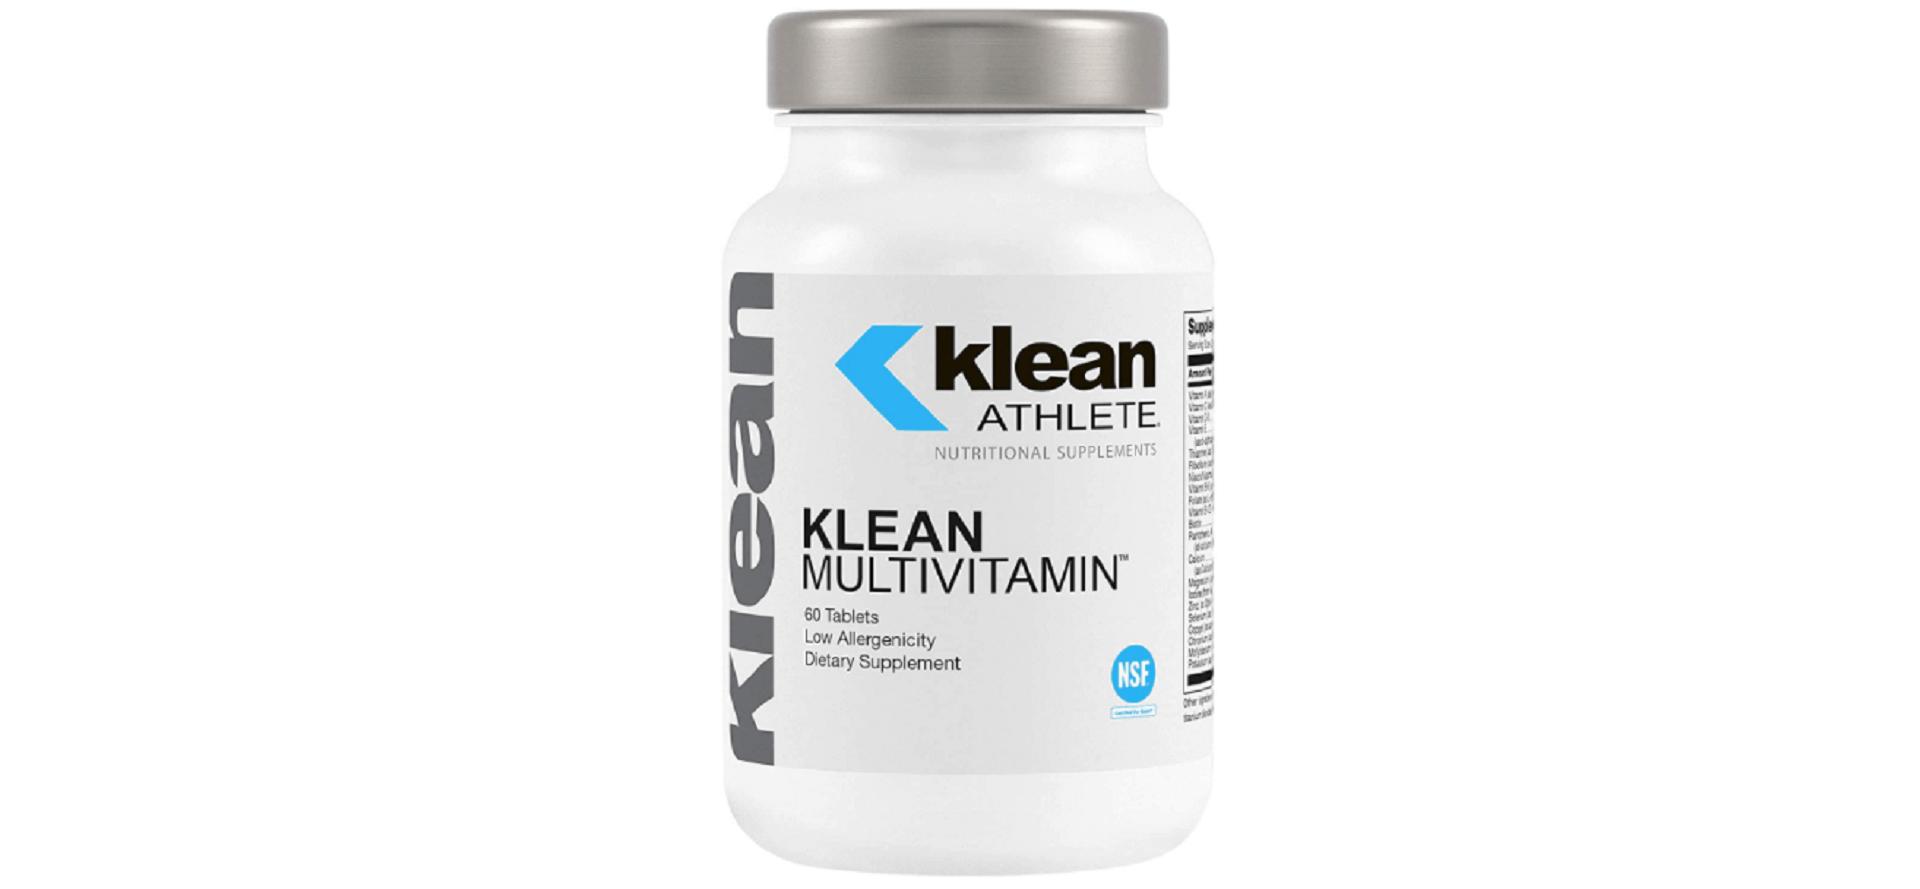 Klean Athlete - Klean Multivitamin